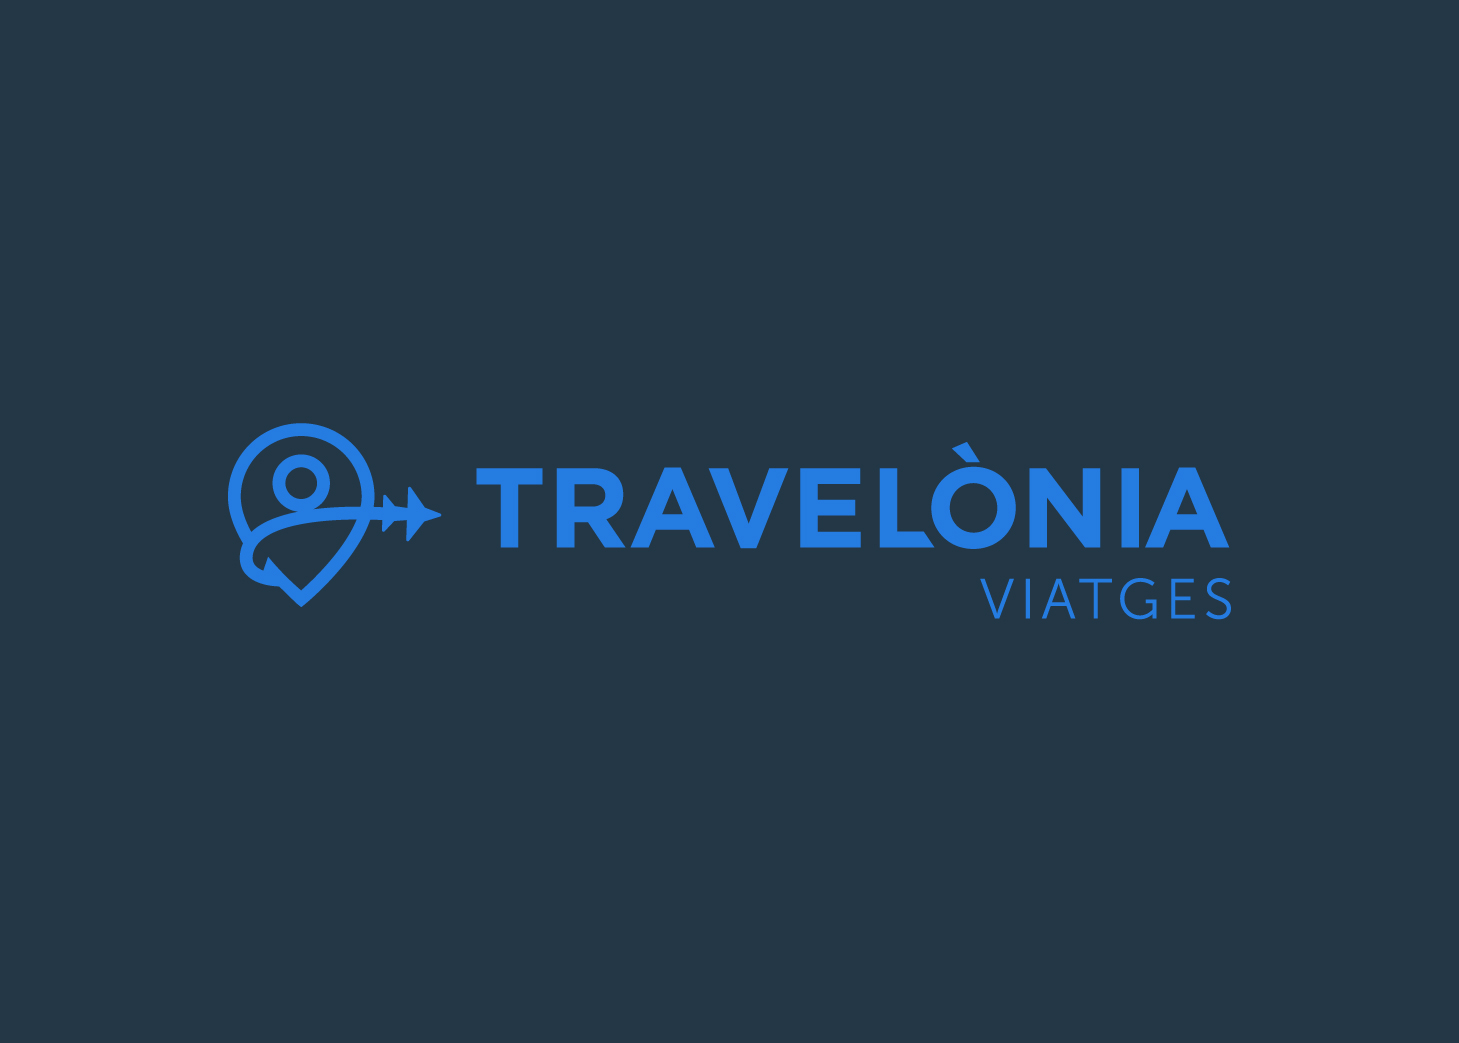 diseño logo que se sale del mapa